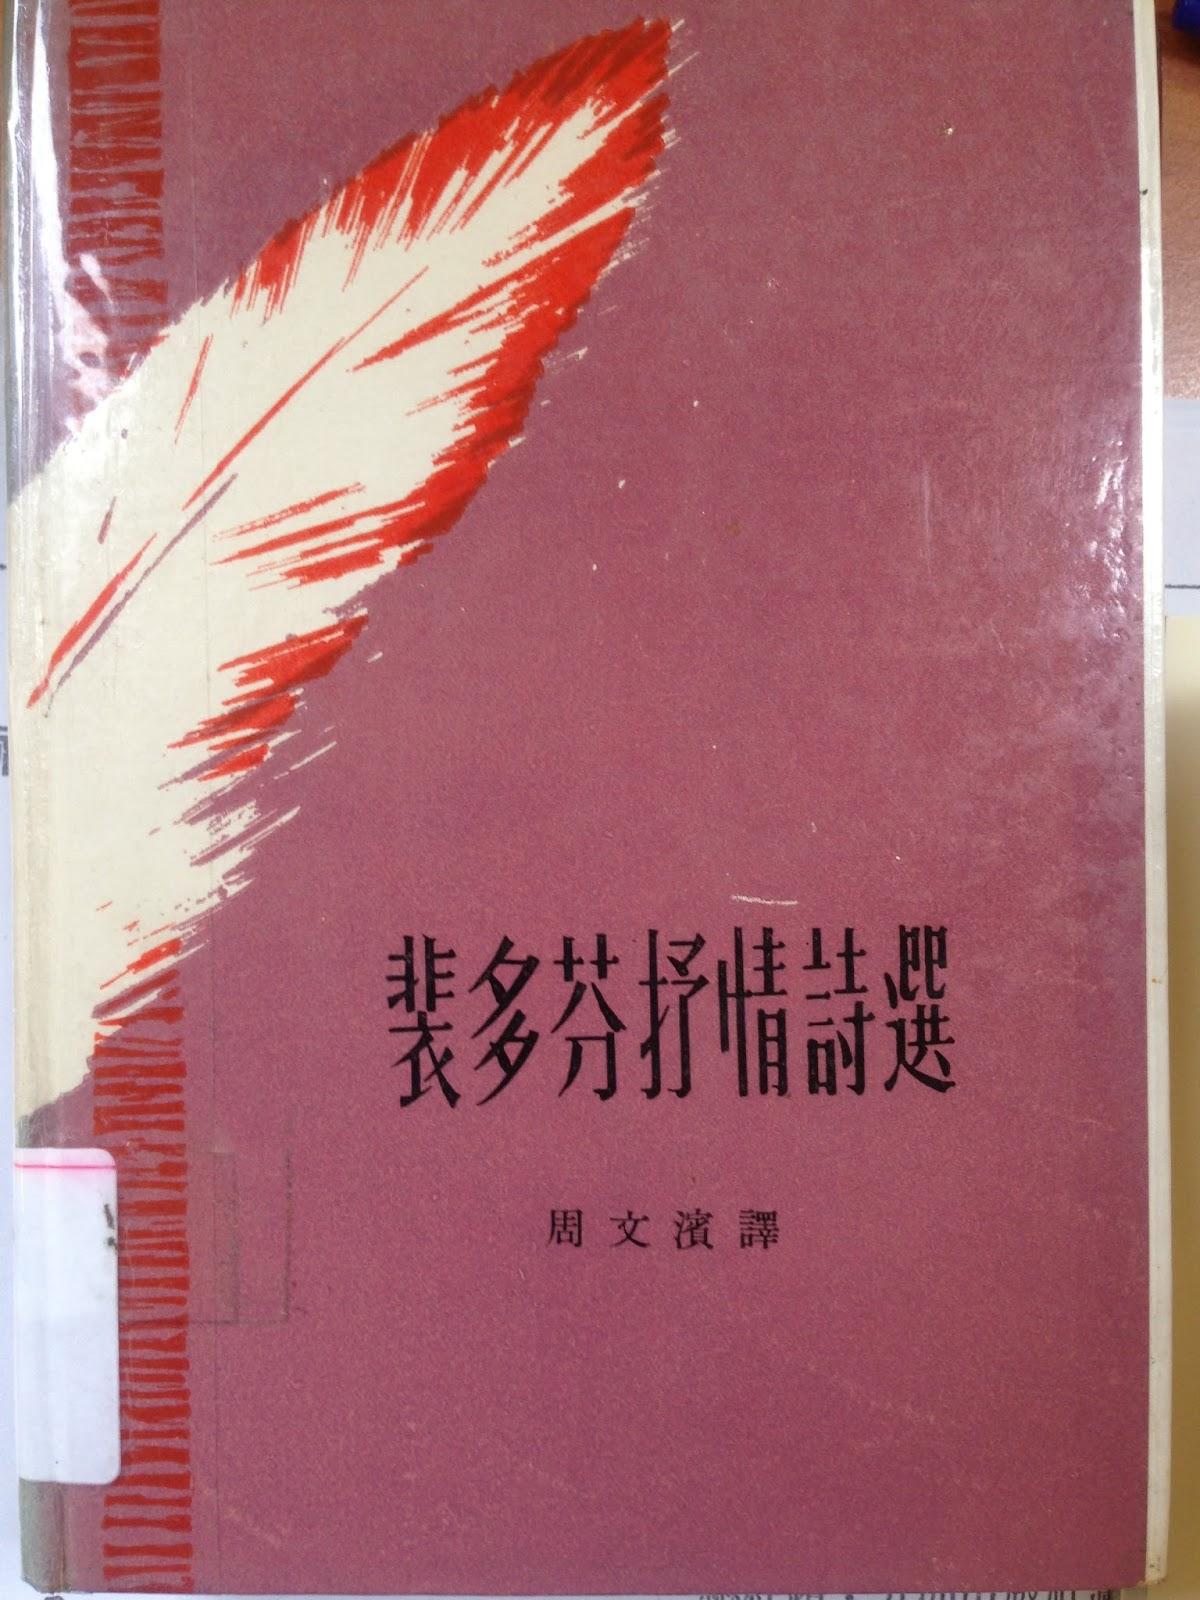 翻譯偵探事務所: 連連看--五洲的世界名家抒情詩選